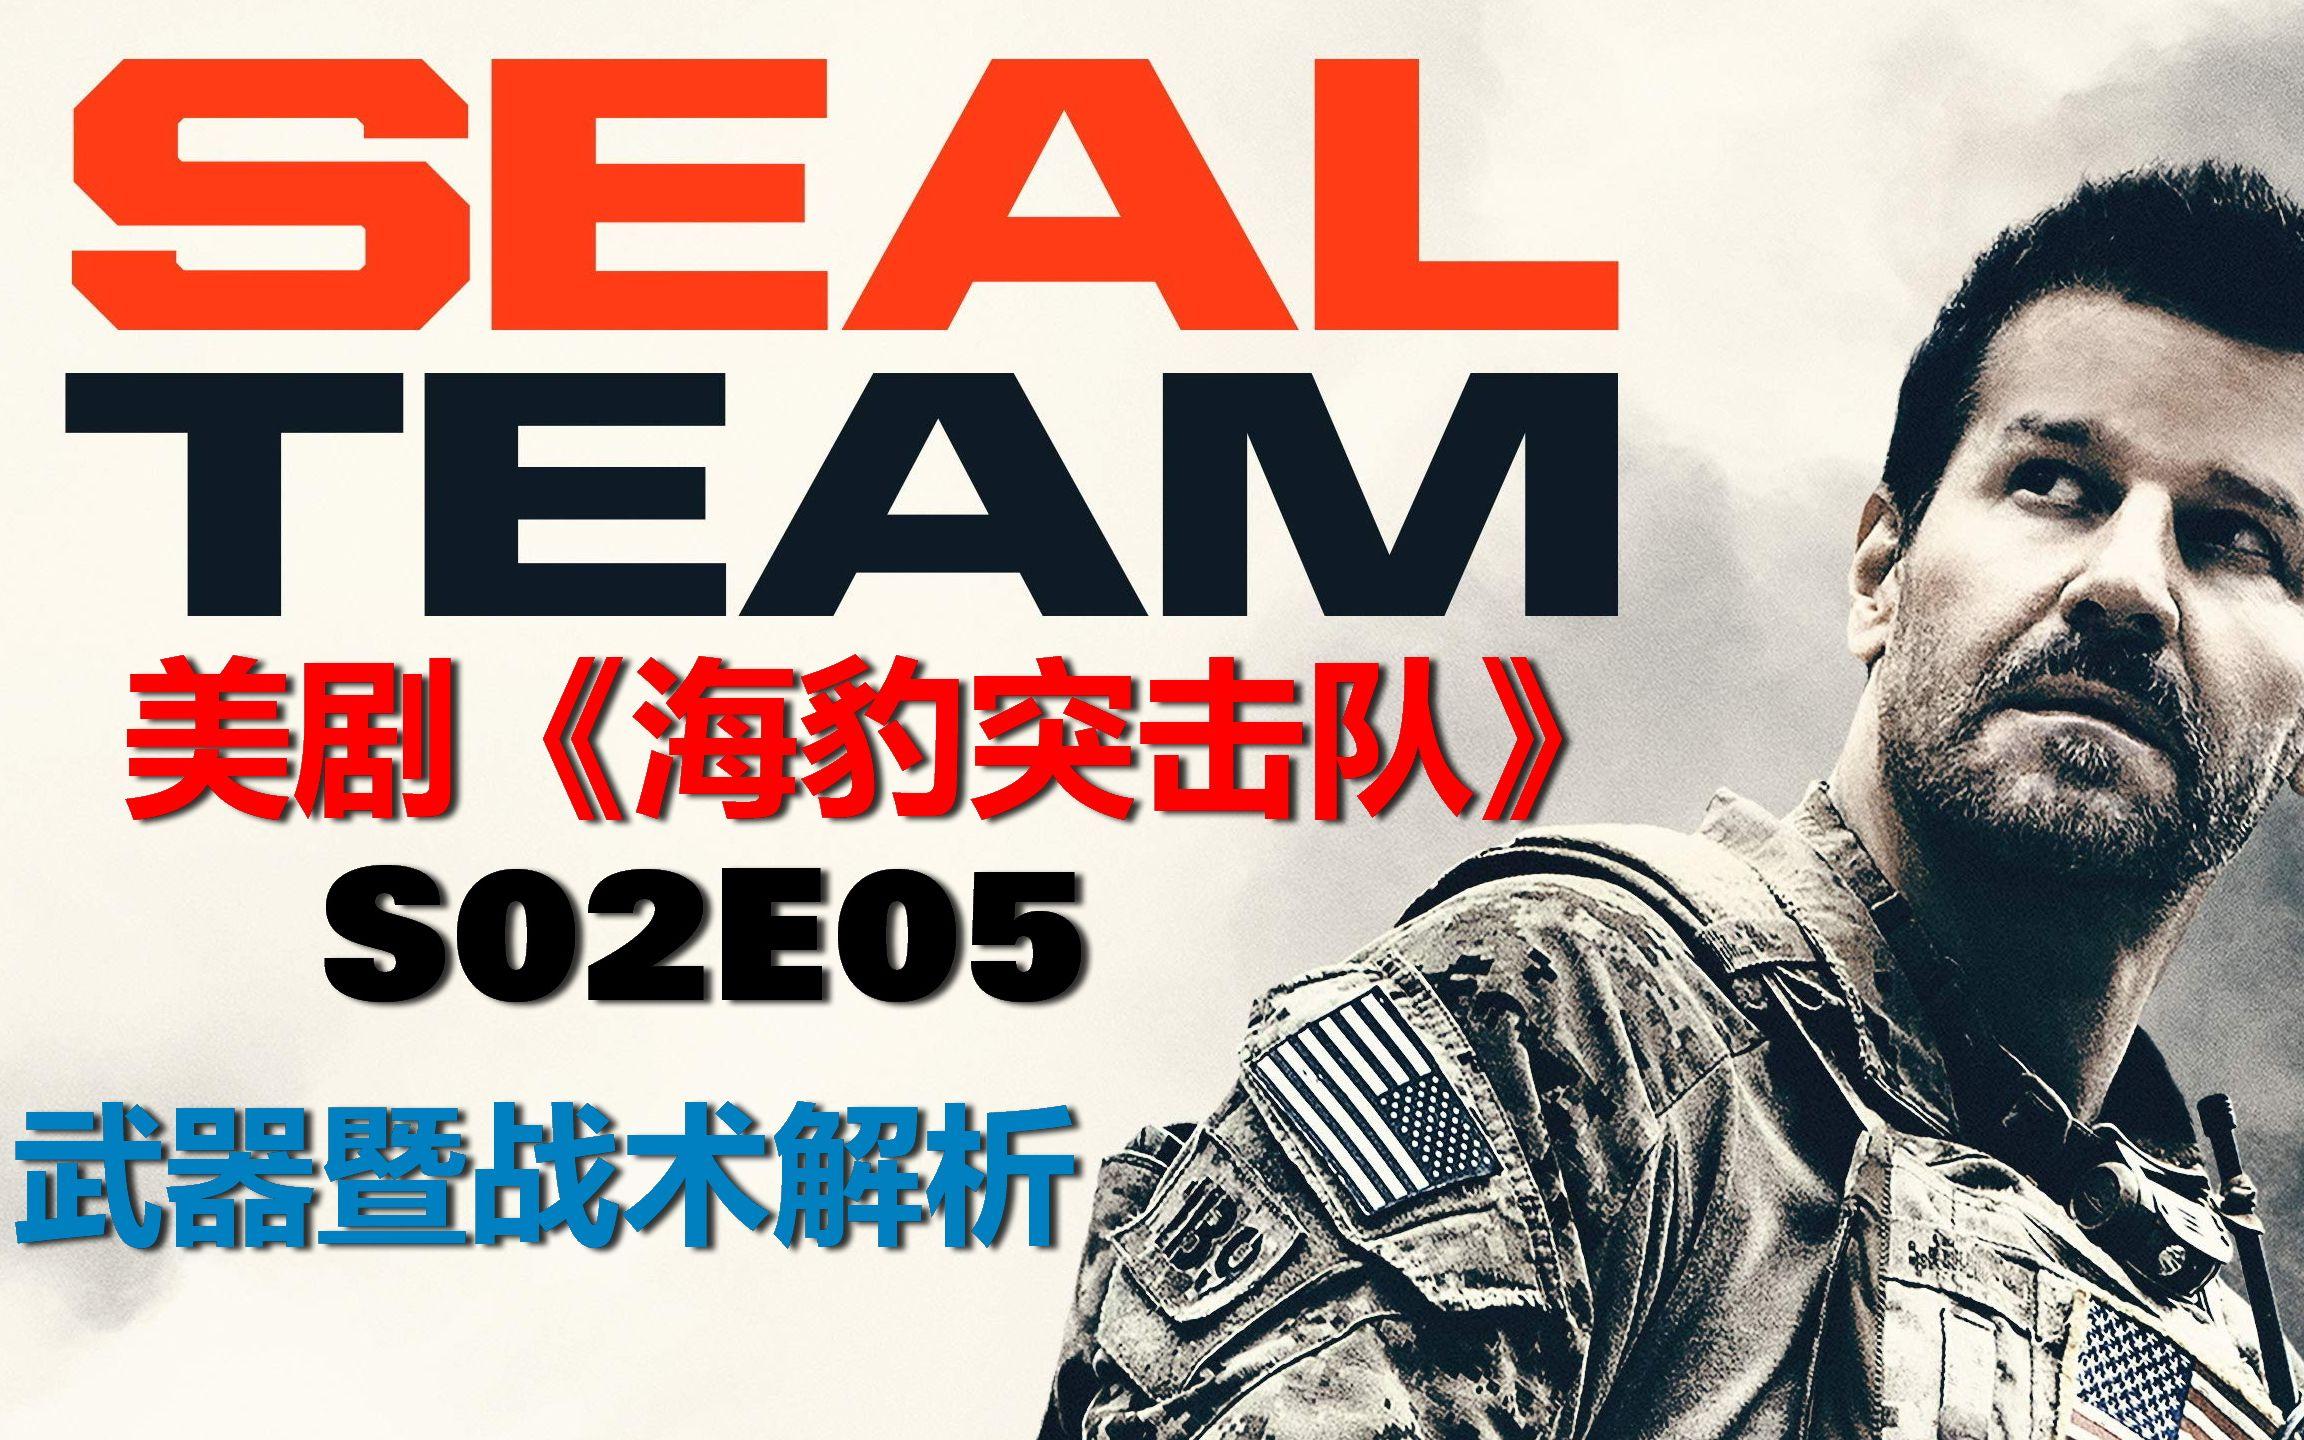 美剧《海豹突击队》(Seal Team)S02E05武器暨战术解析